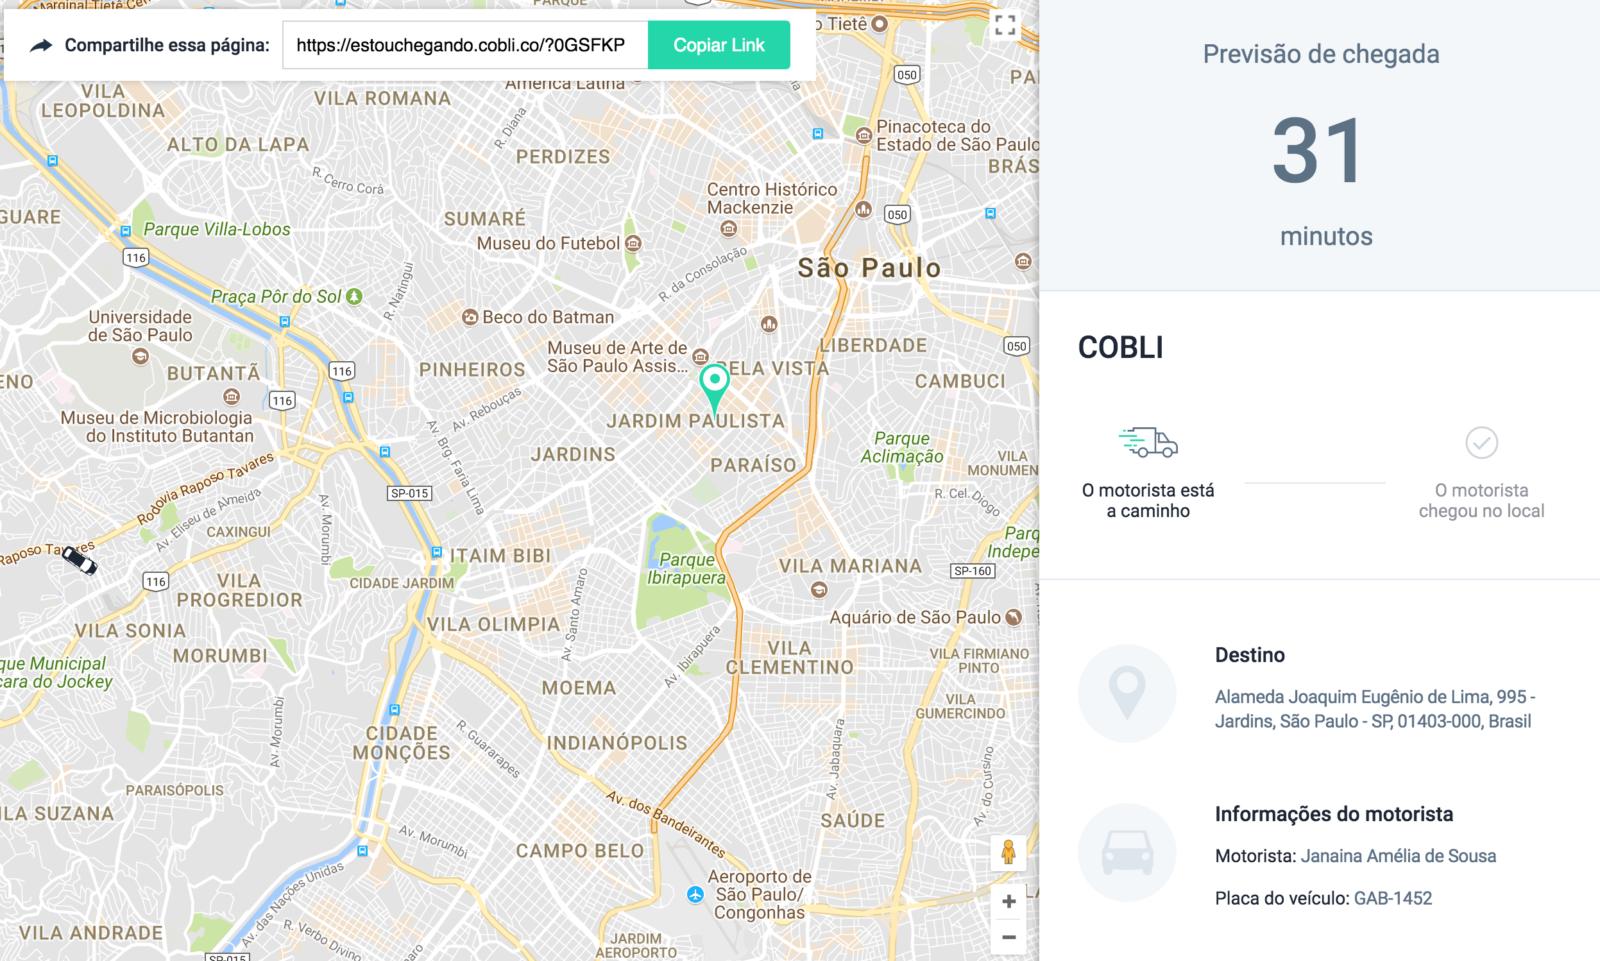 Nova Funcionalidade Cobli: Compartilhe a Previsão de Chegada de seus Veículos com seus Clientes!